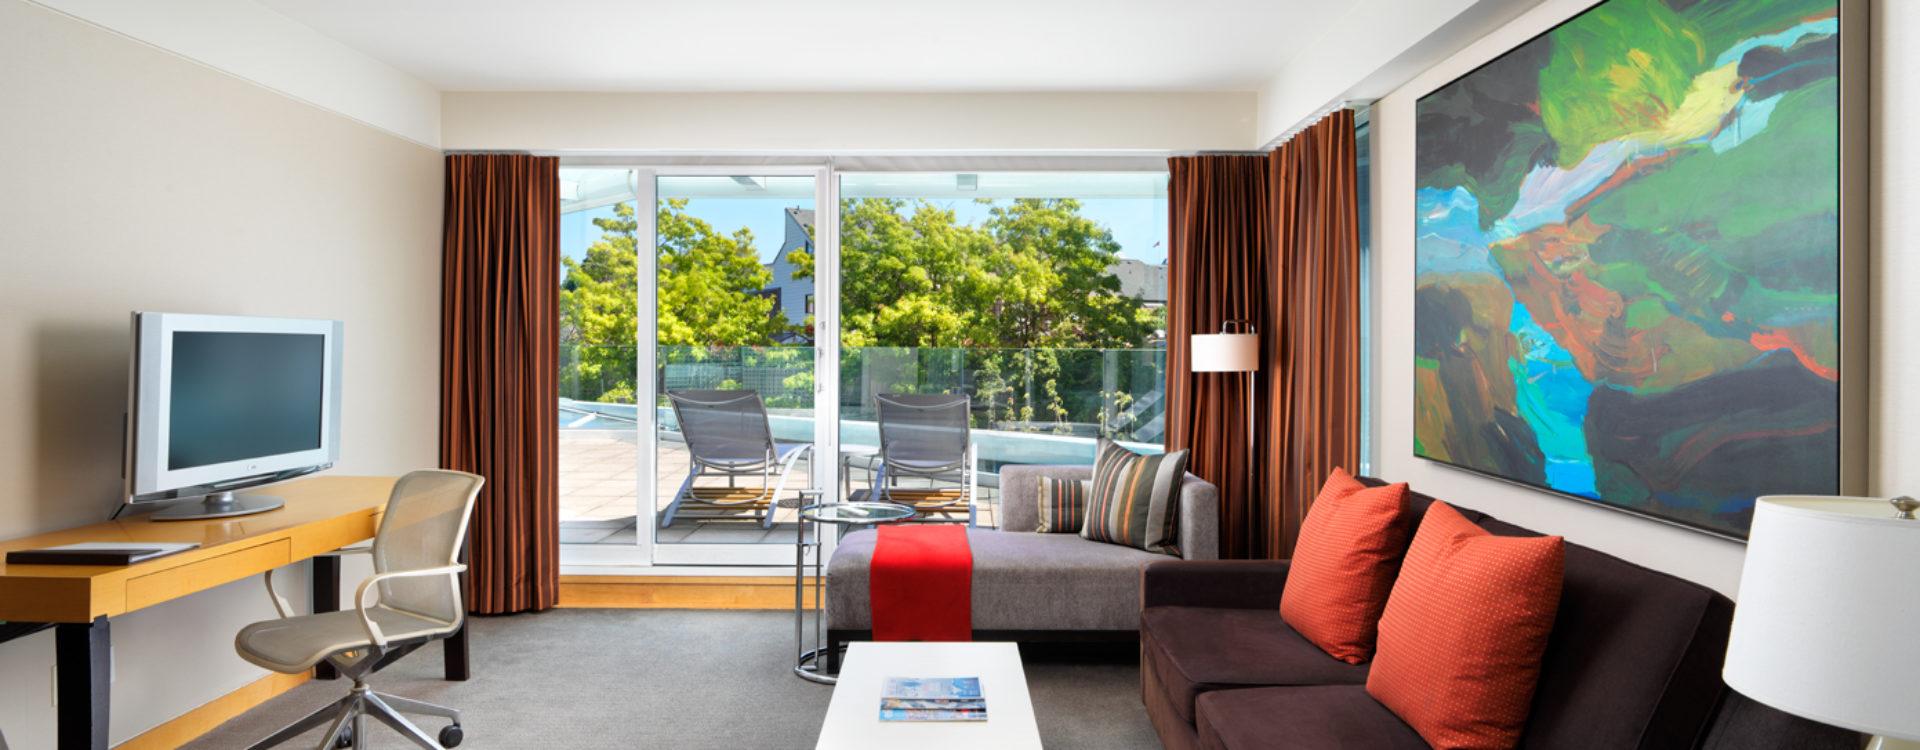 Bedroom Suite Living Room